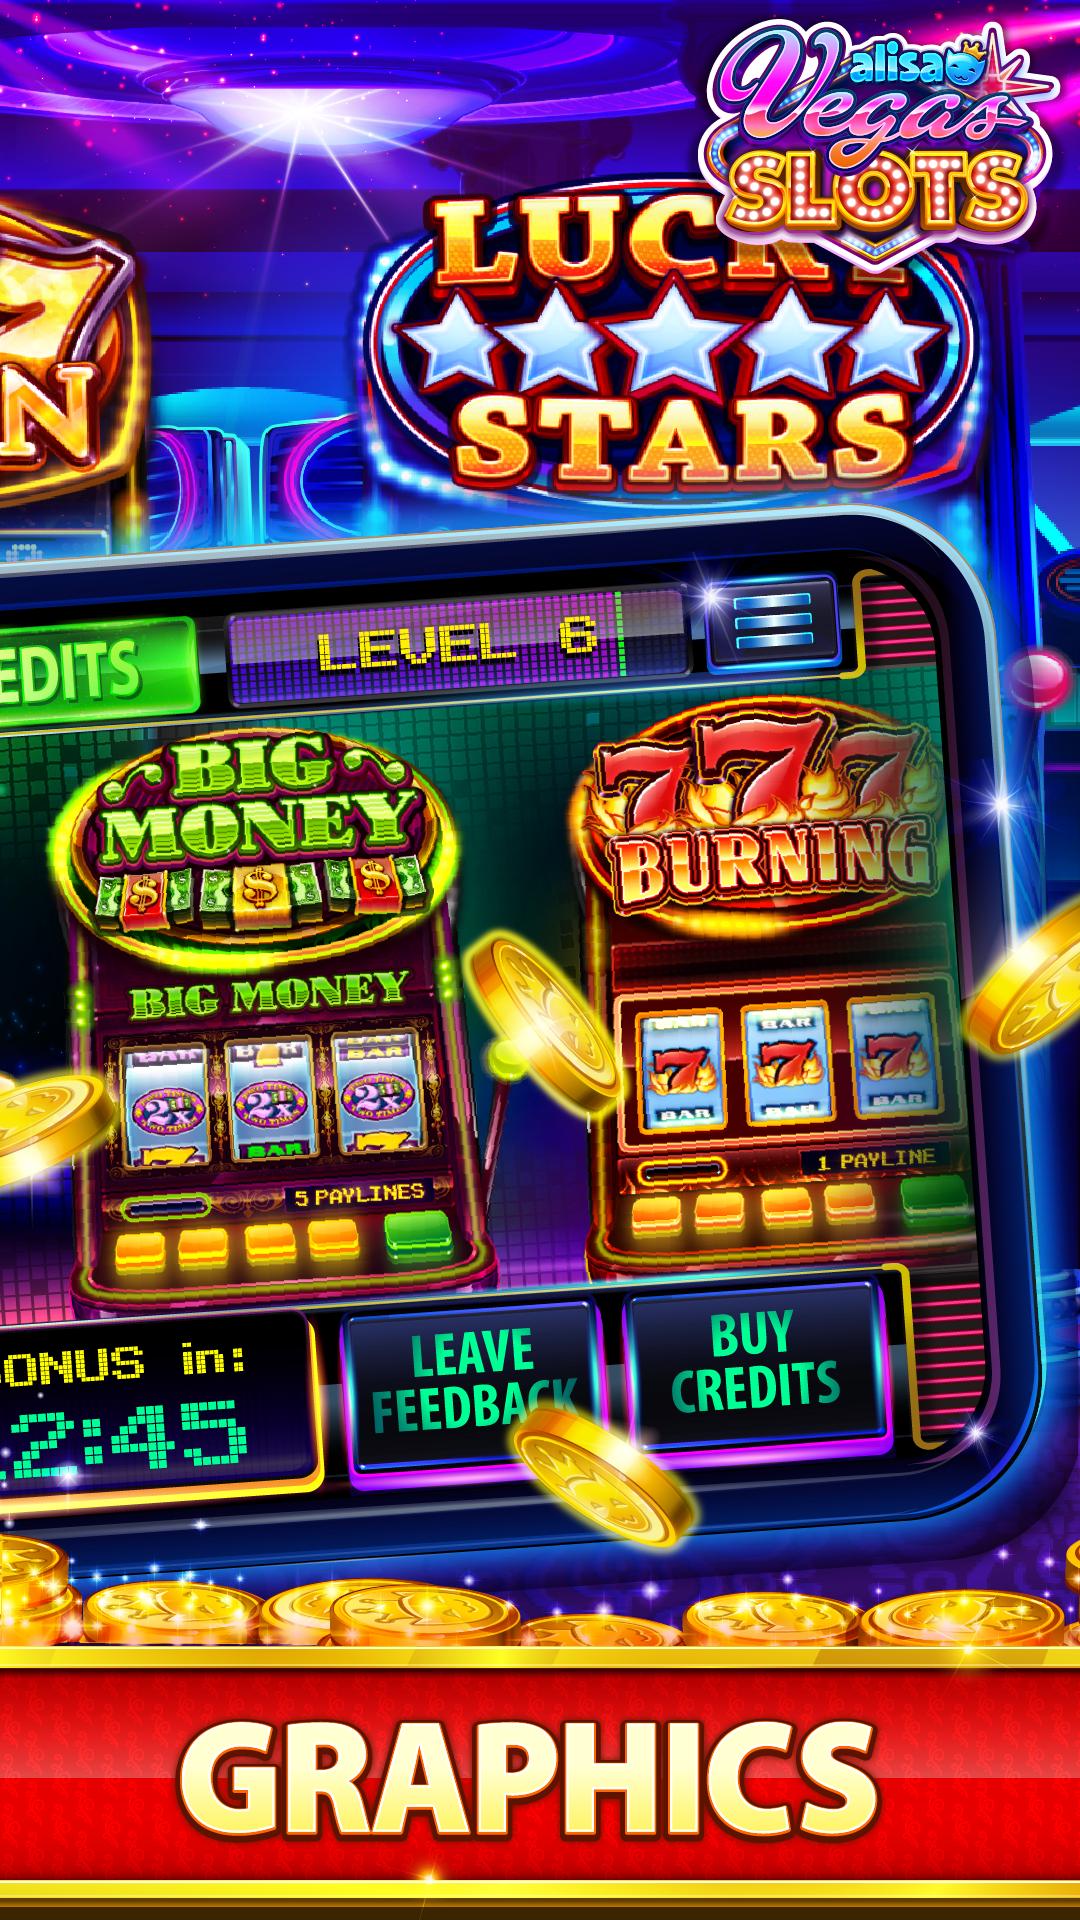 Vegas slots online com free spins casinos, die besten online spielkasino : lavazzatunisie